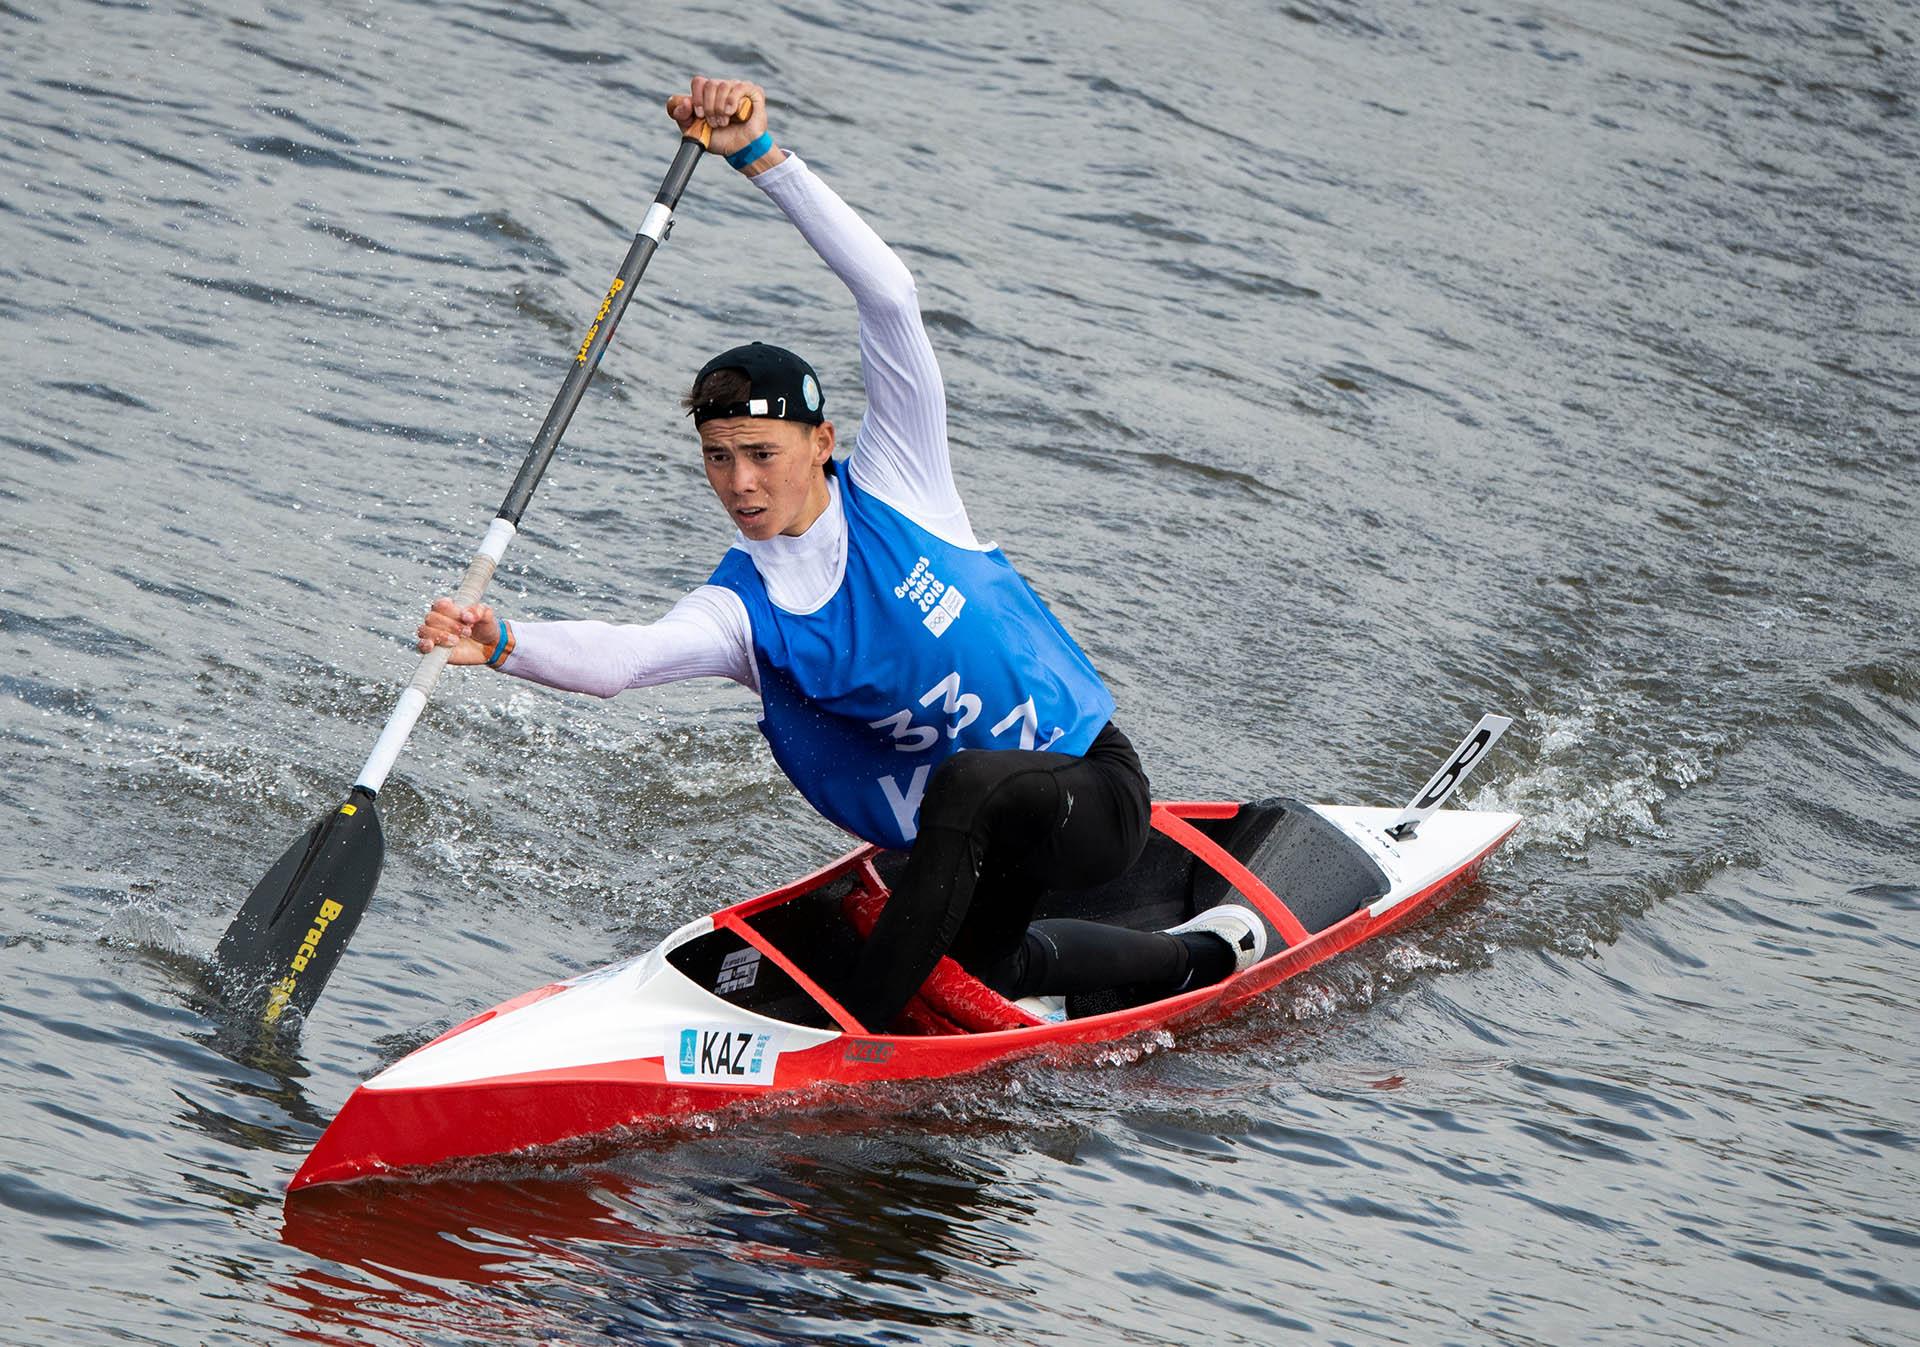 Dias Bakhraddin, de Kazajistánfue uno de los más rápidos en Puerto Madero (Foto: REUTERS)